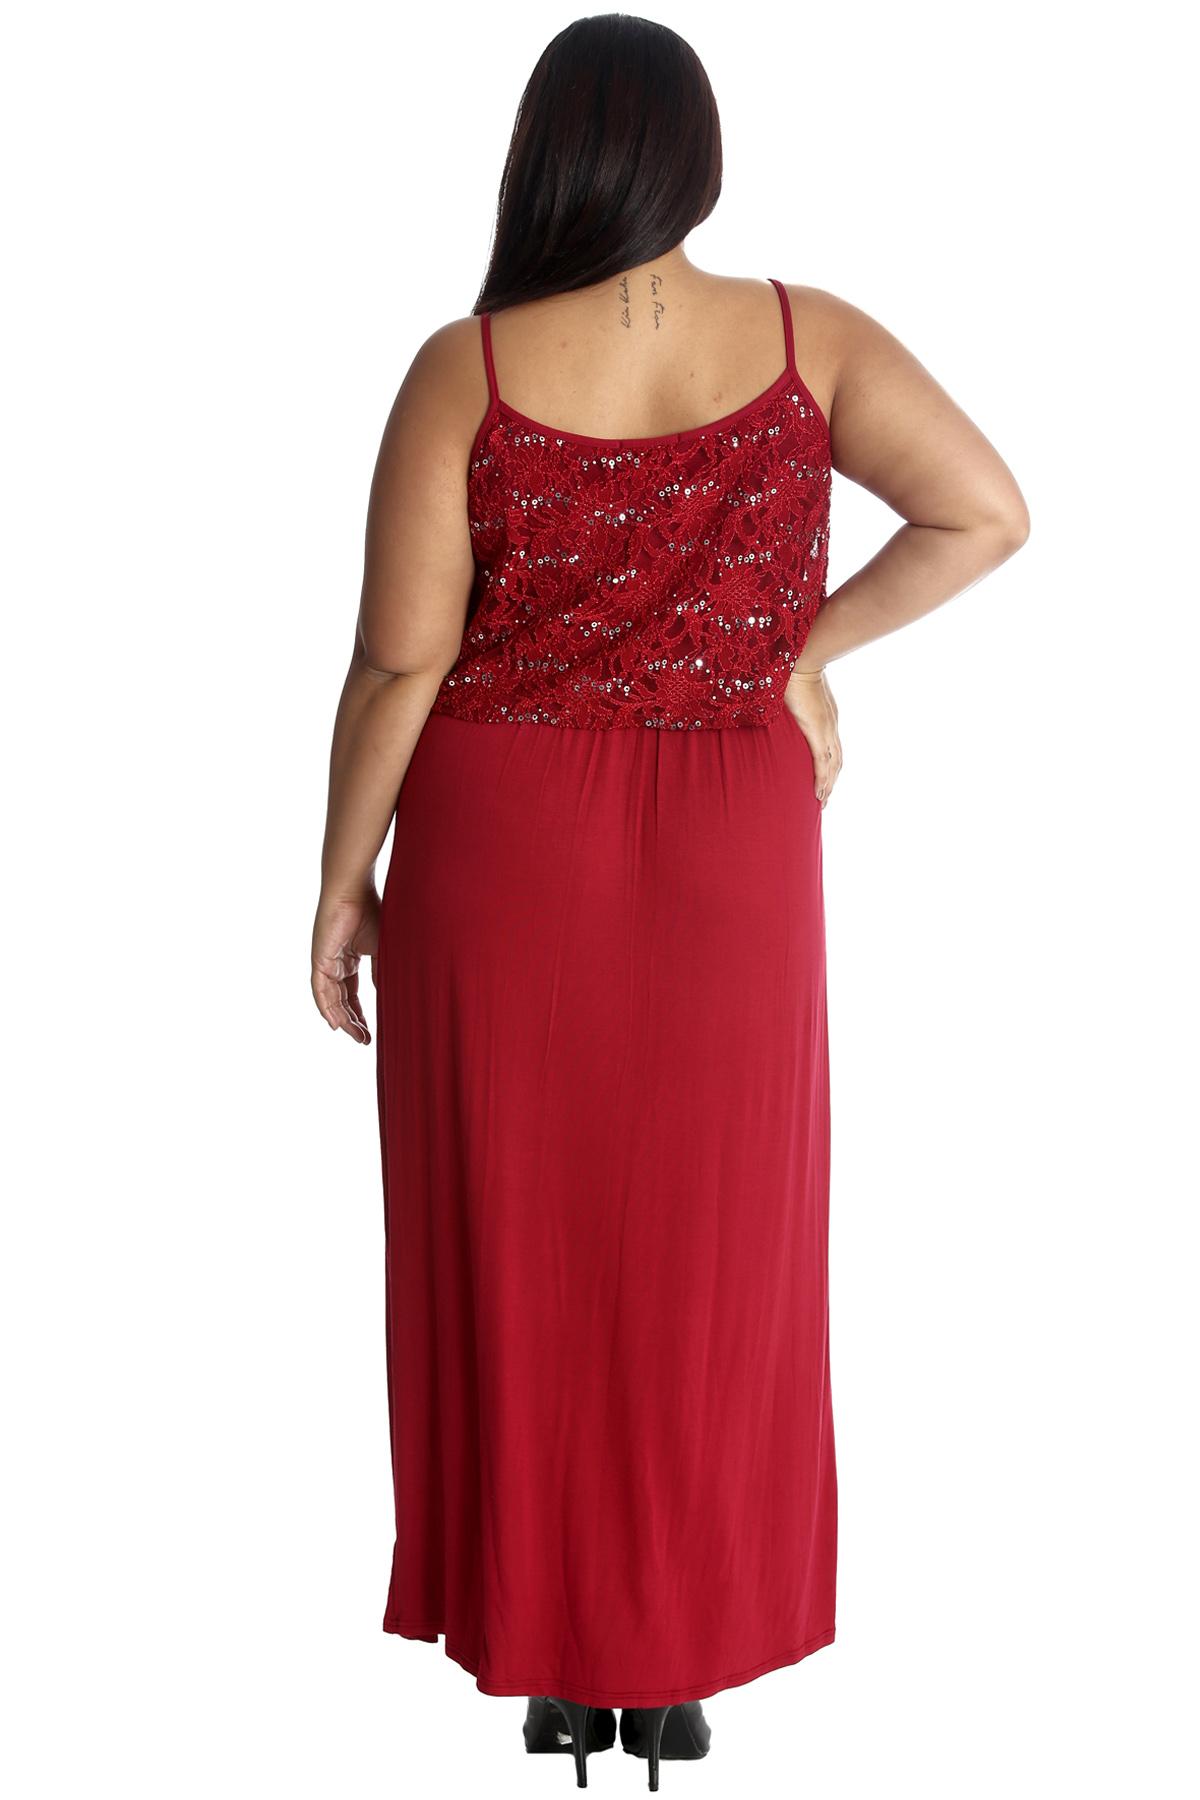 New Womens Plus Size Maxi Dress Ladies Floral Lace Sequin ...